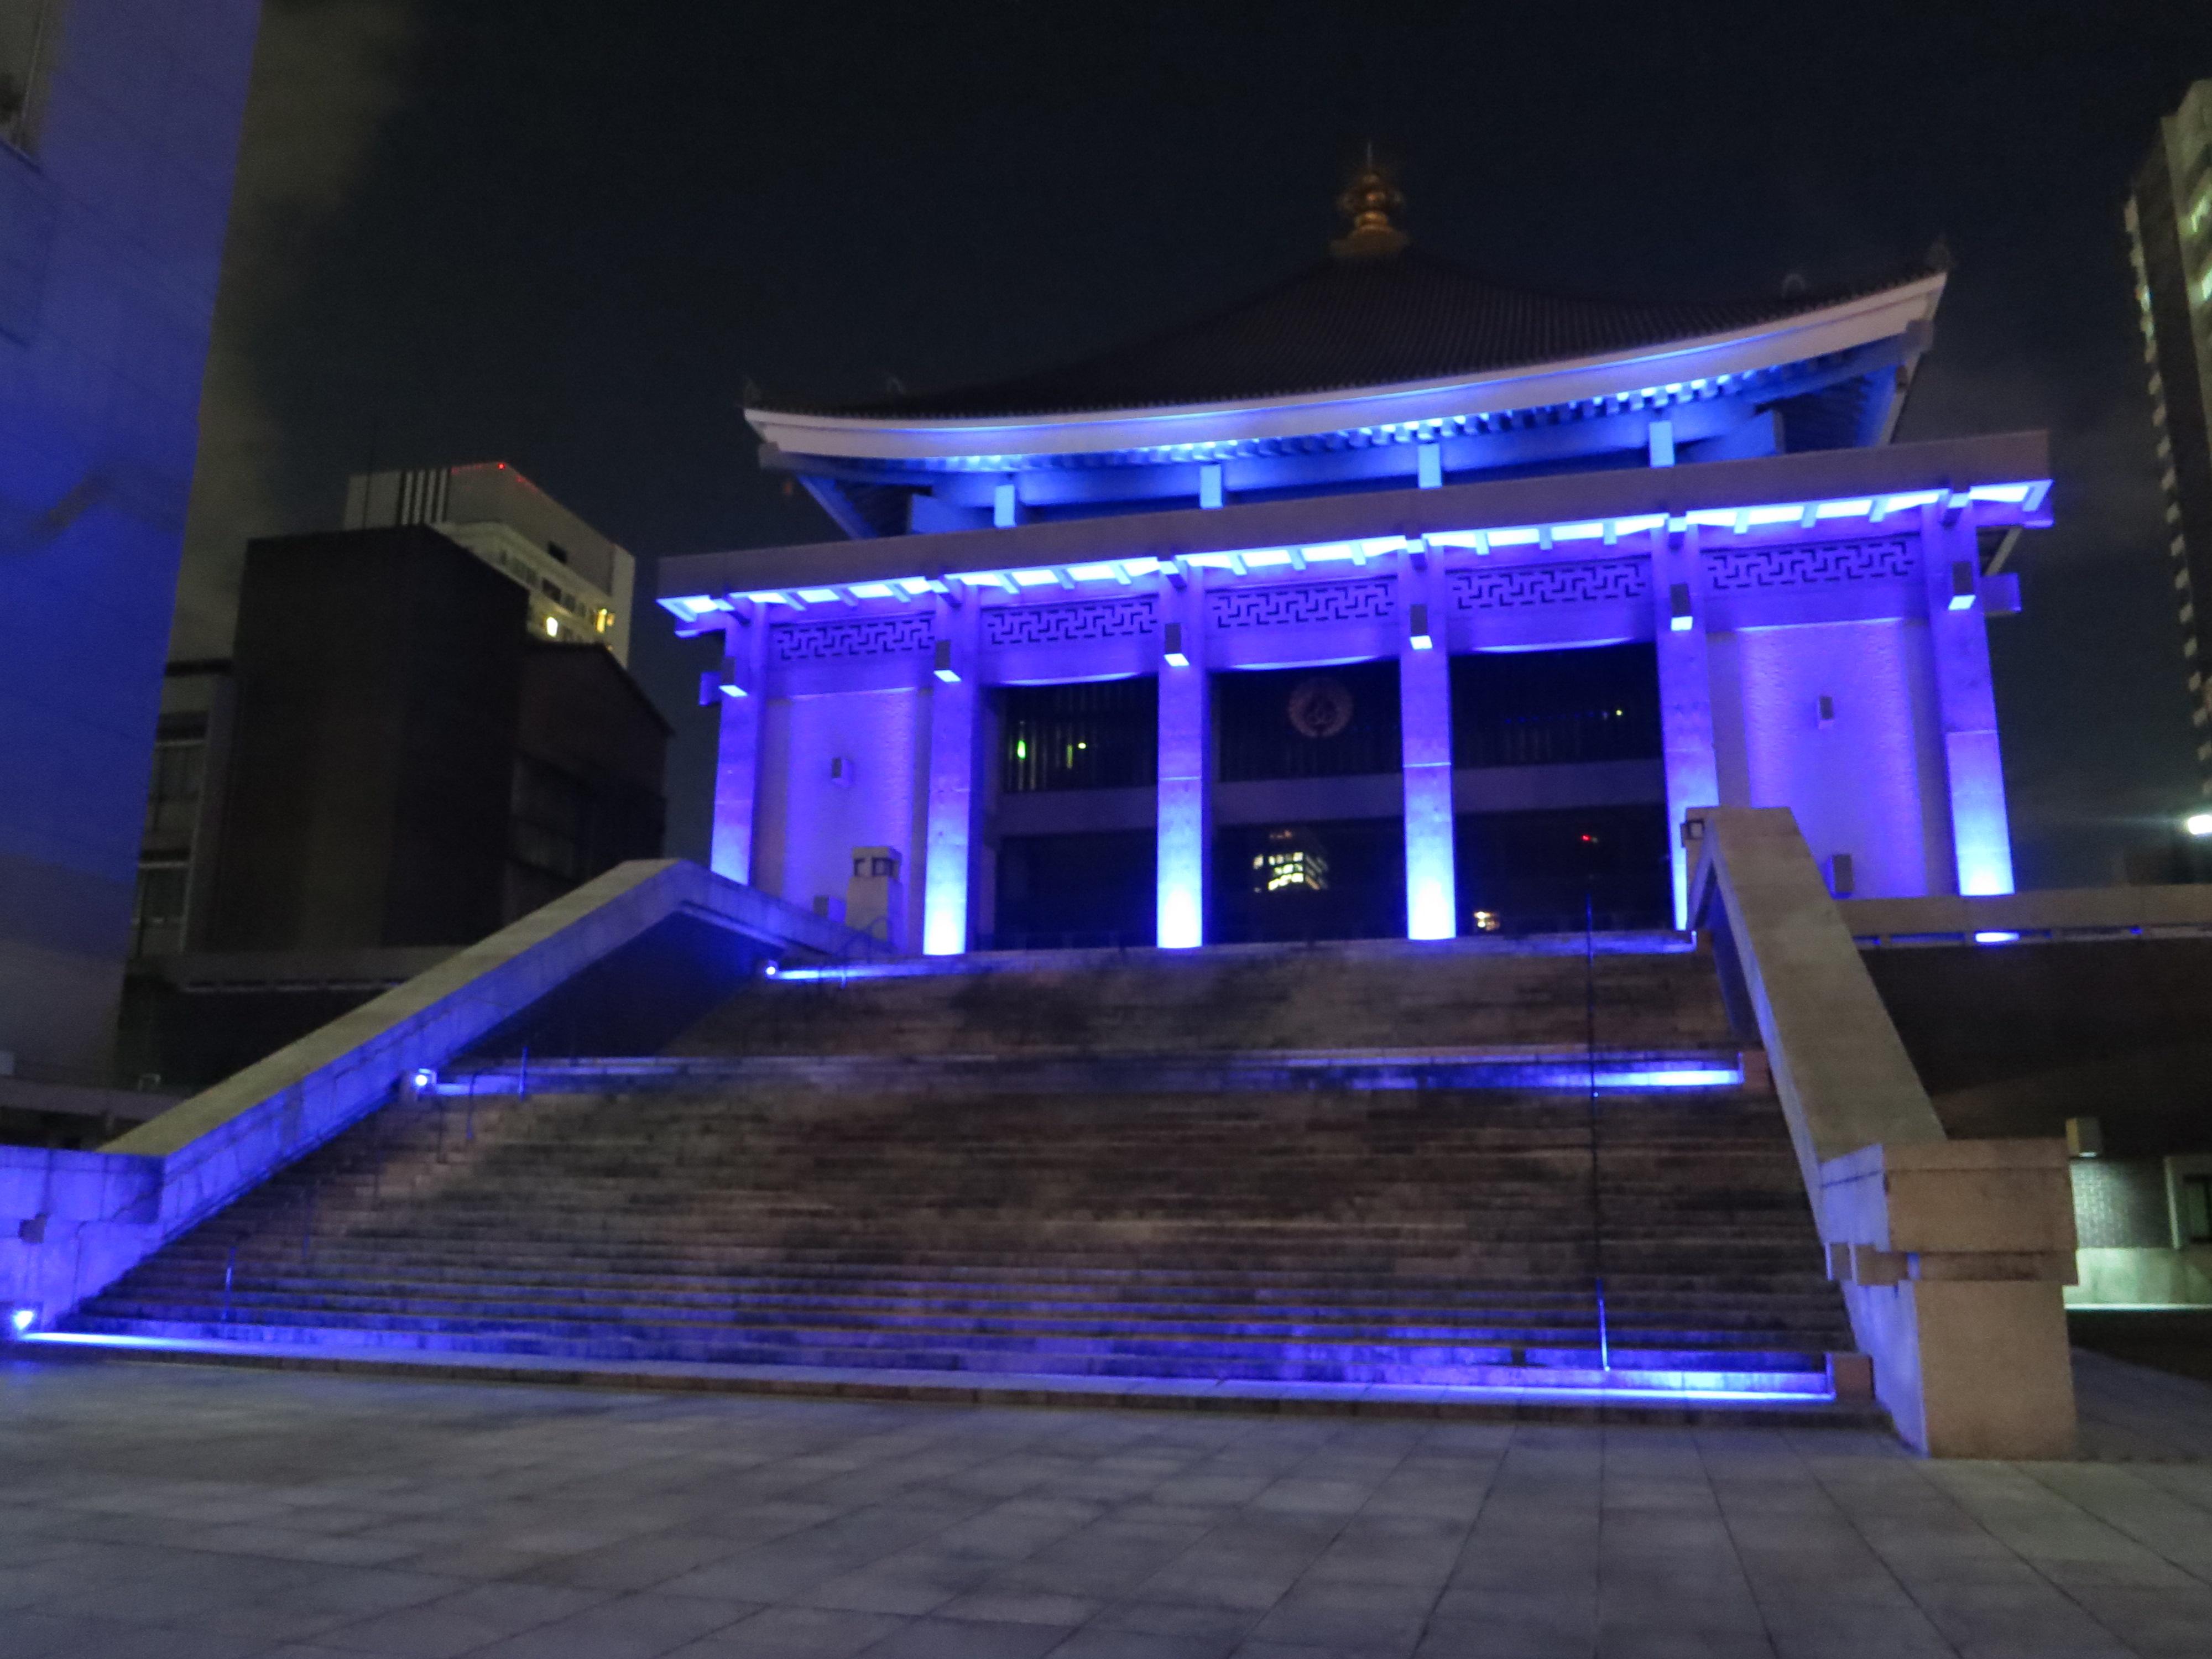 201225 大阪北御堂 ライトアップ